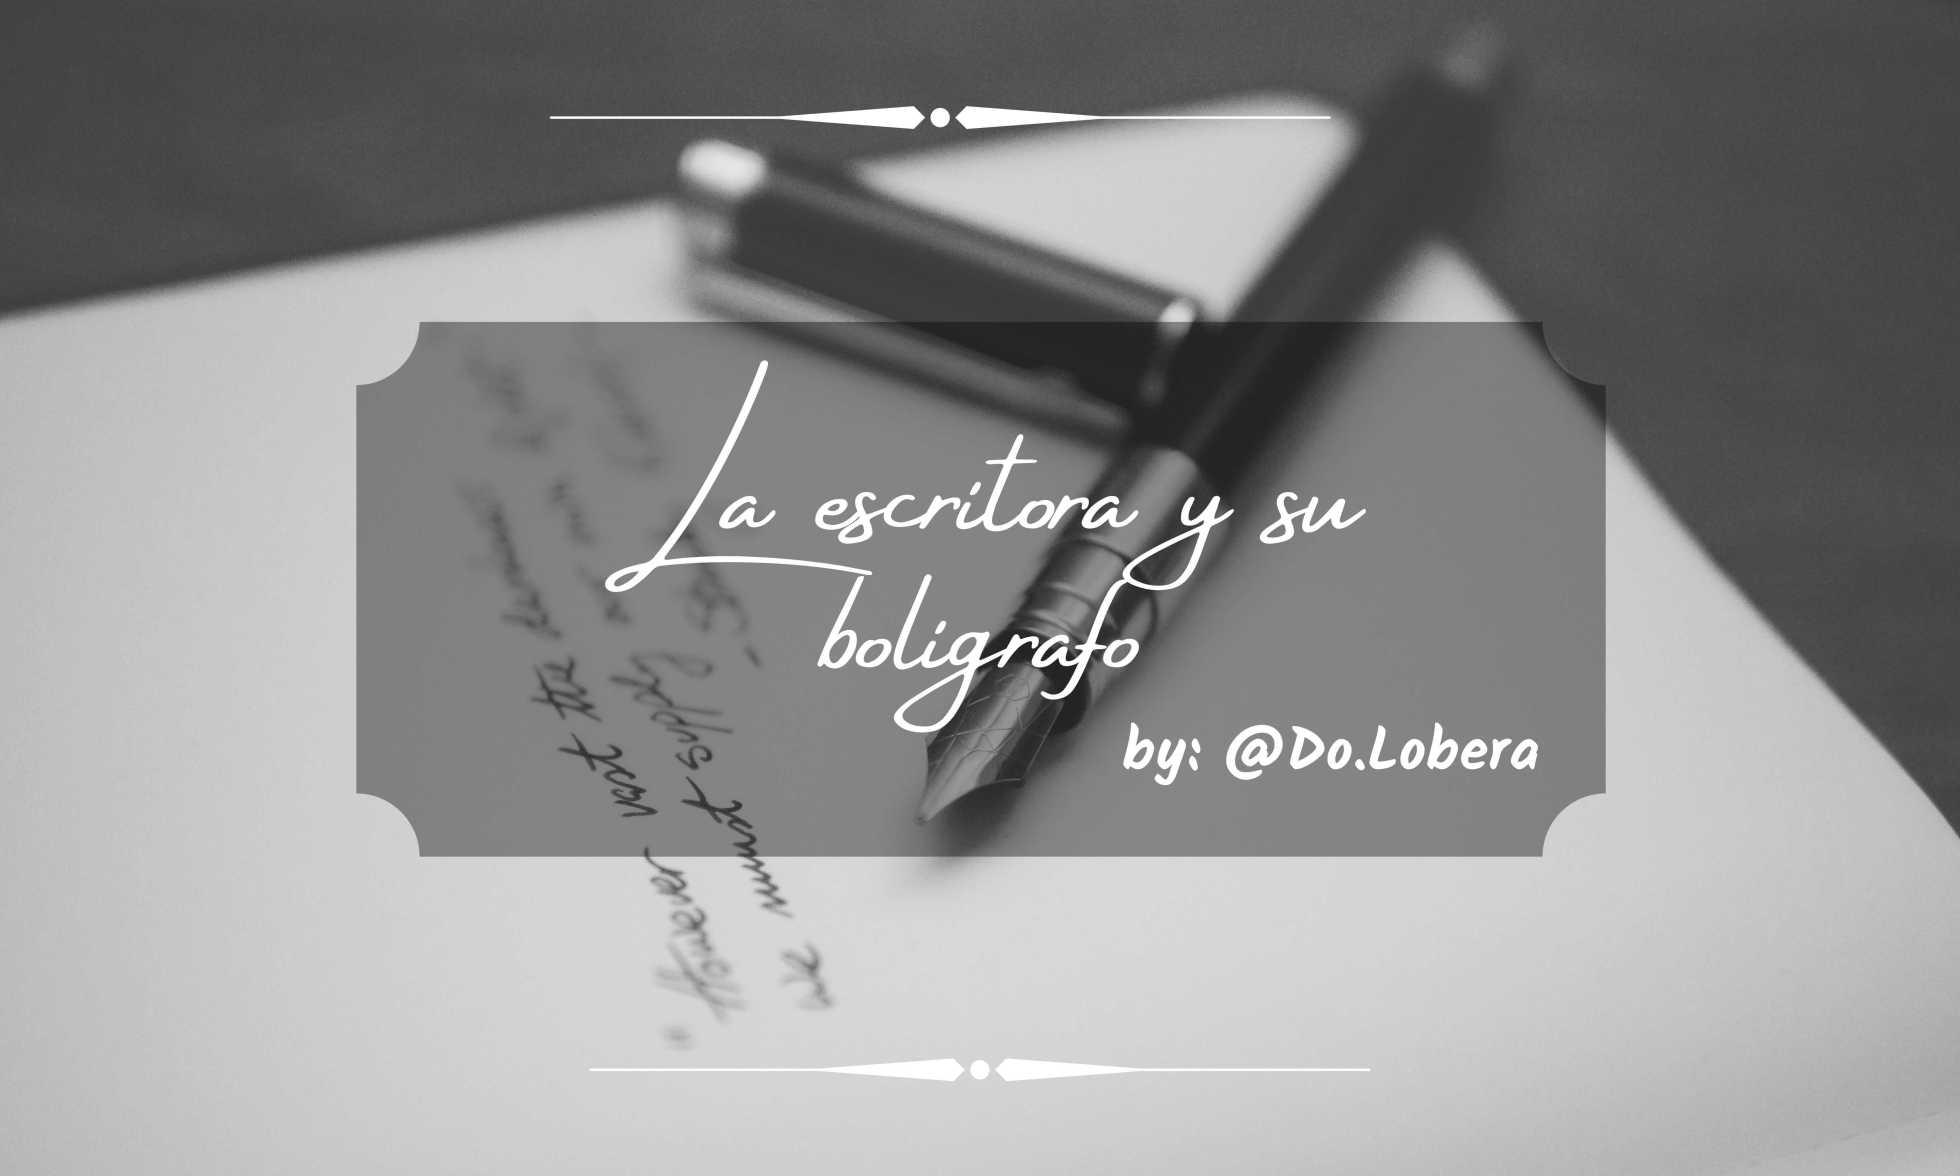 La escritora y su boligrafo - By Do.lobera